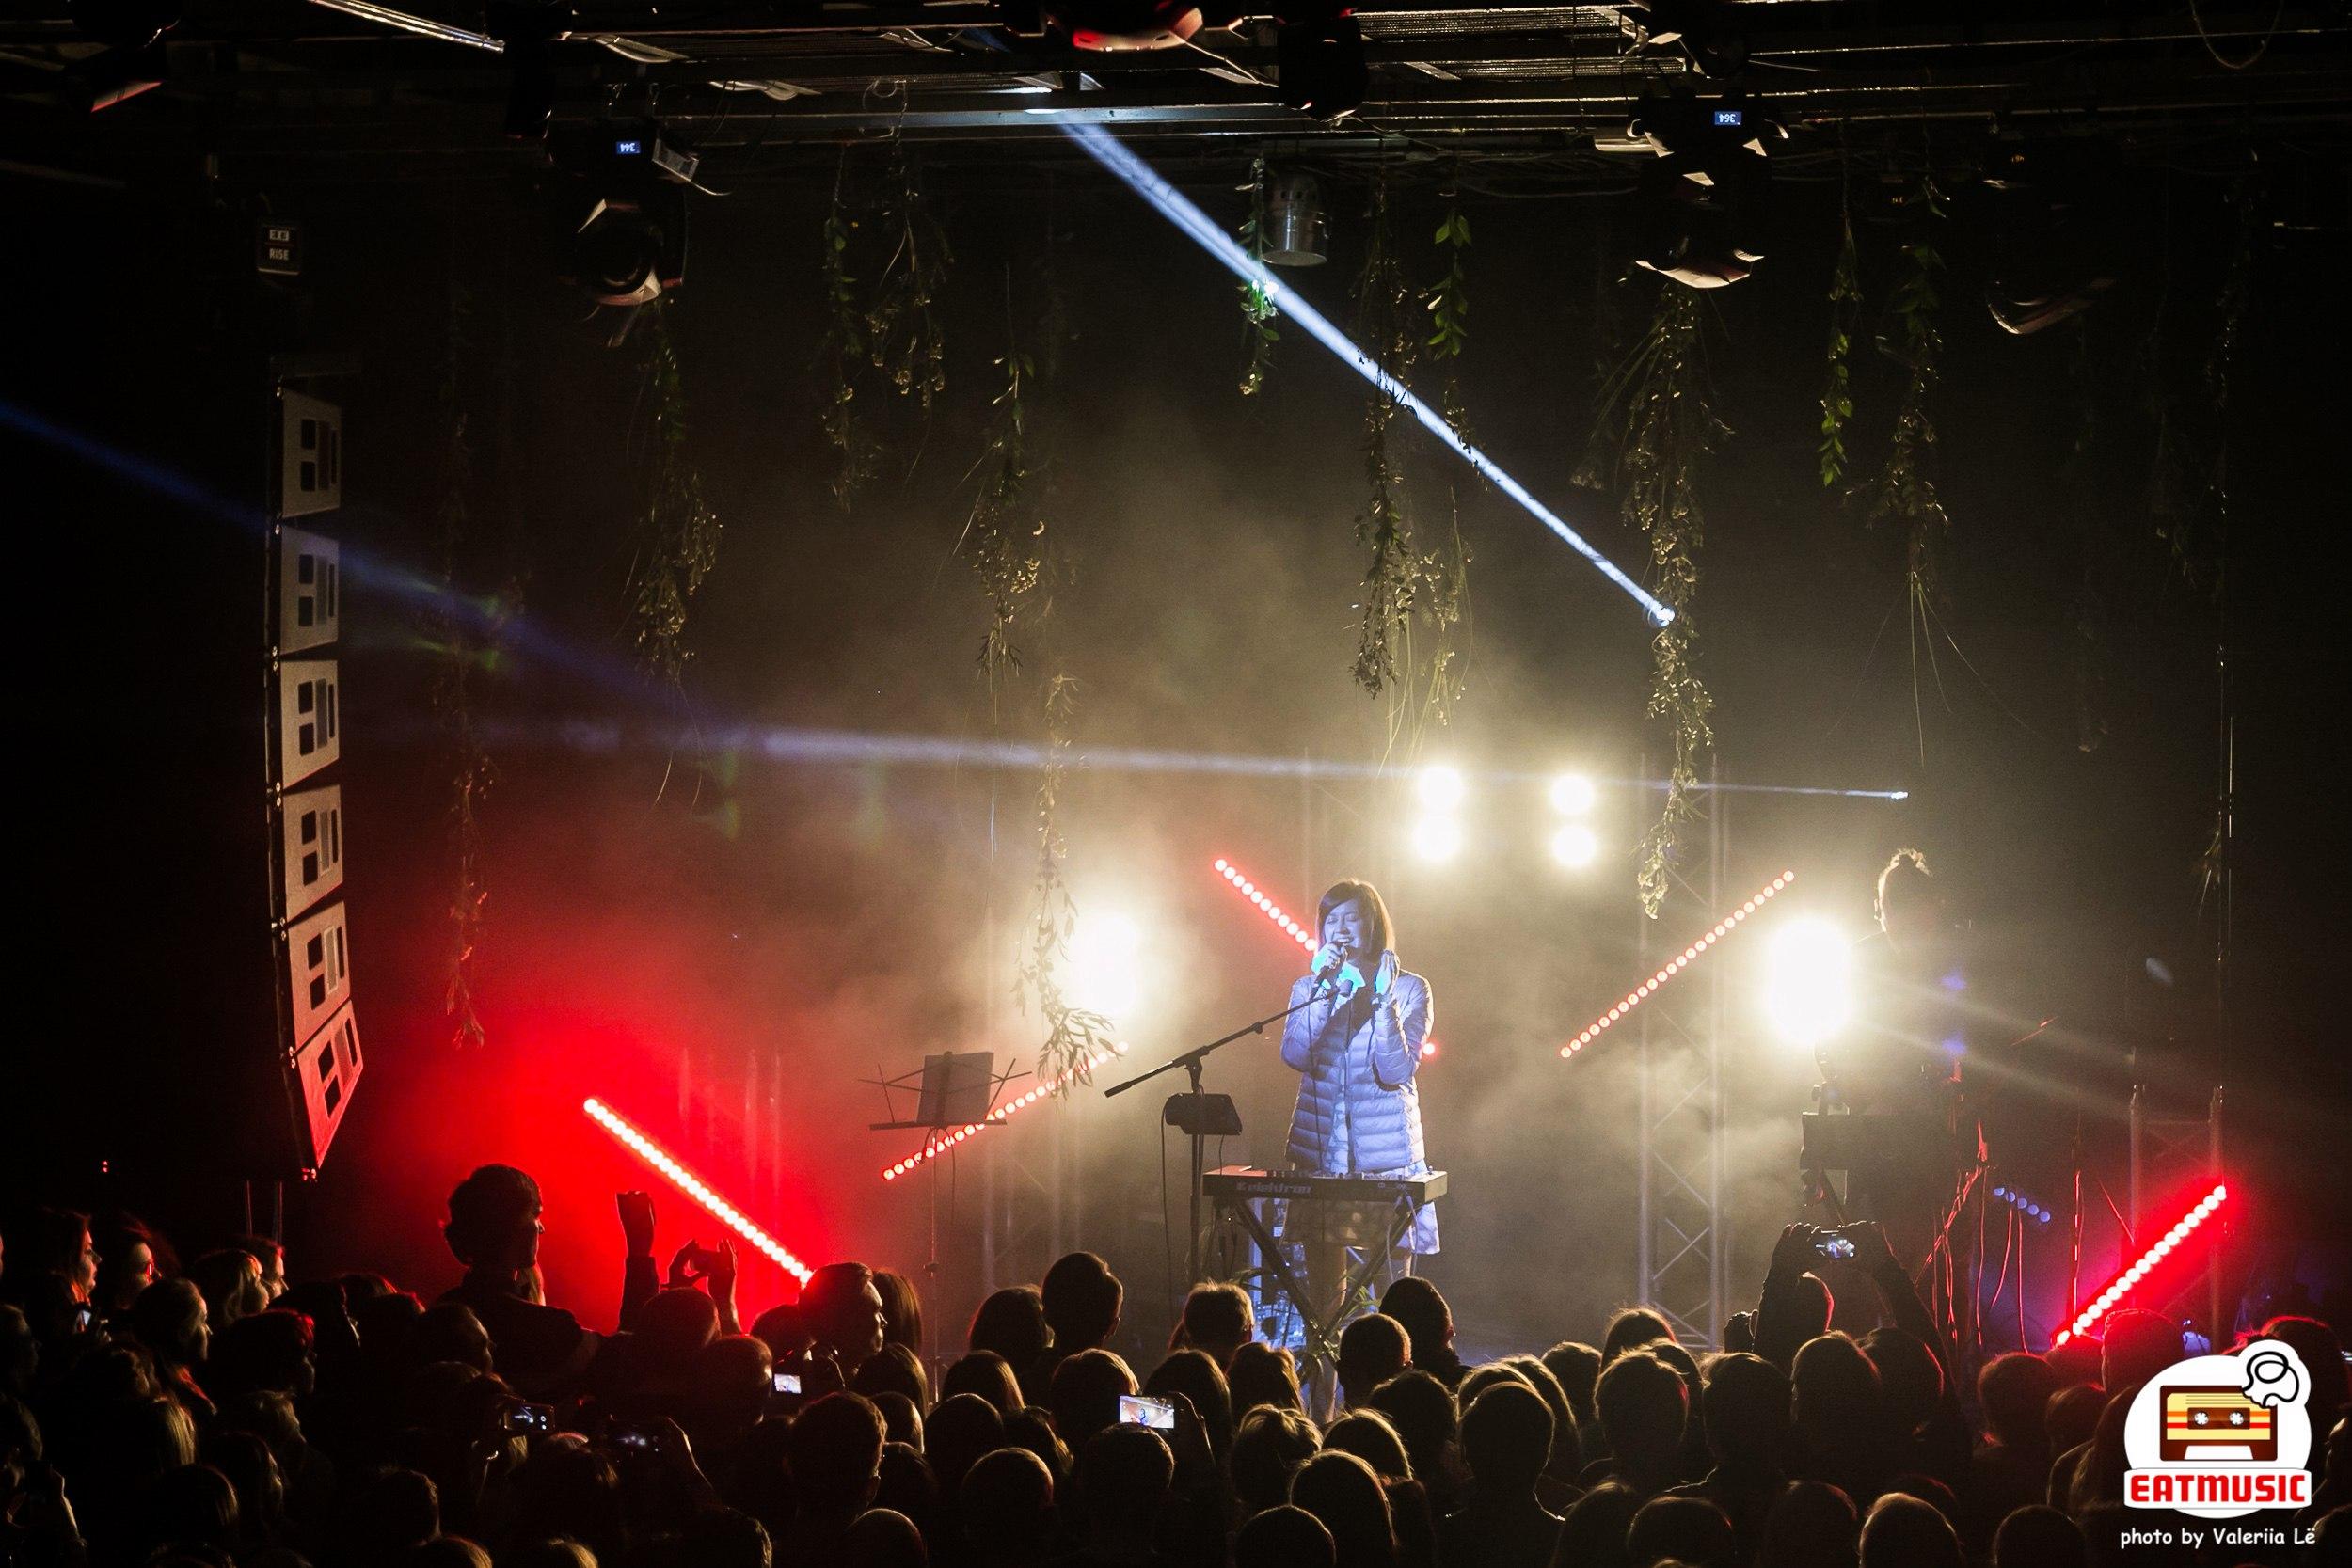 Концерт группы Наадя в клубе Aglomerat 24.04.17: репортаж, фото Валерия Ле